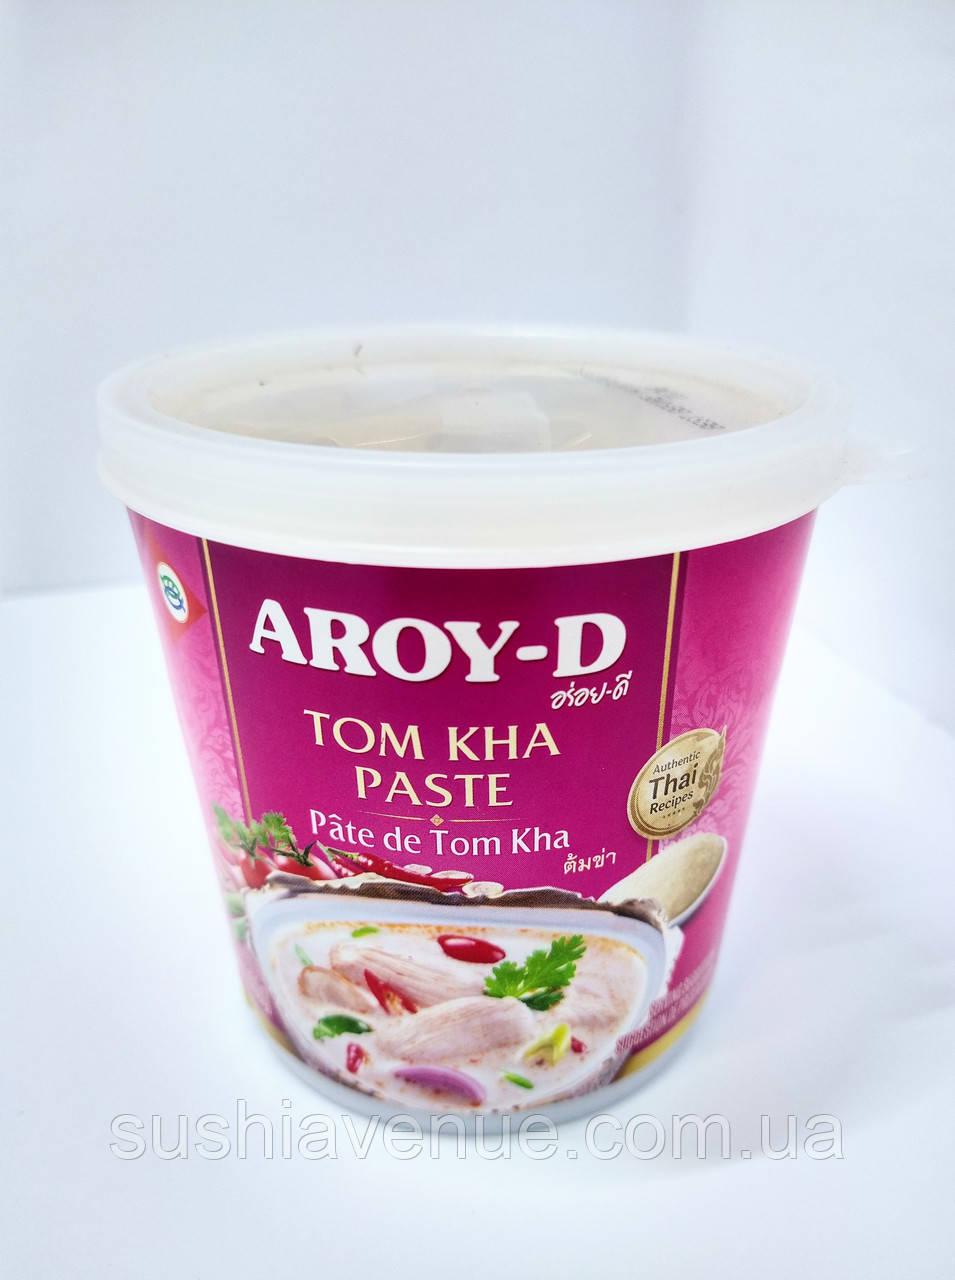 Паста Том Кха (Tom Kha) 400г Aroy-D